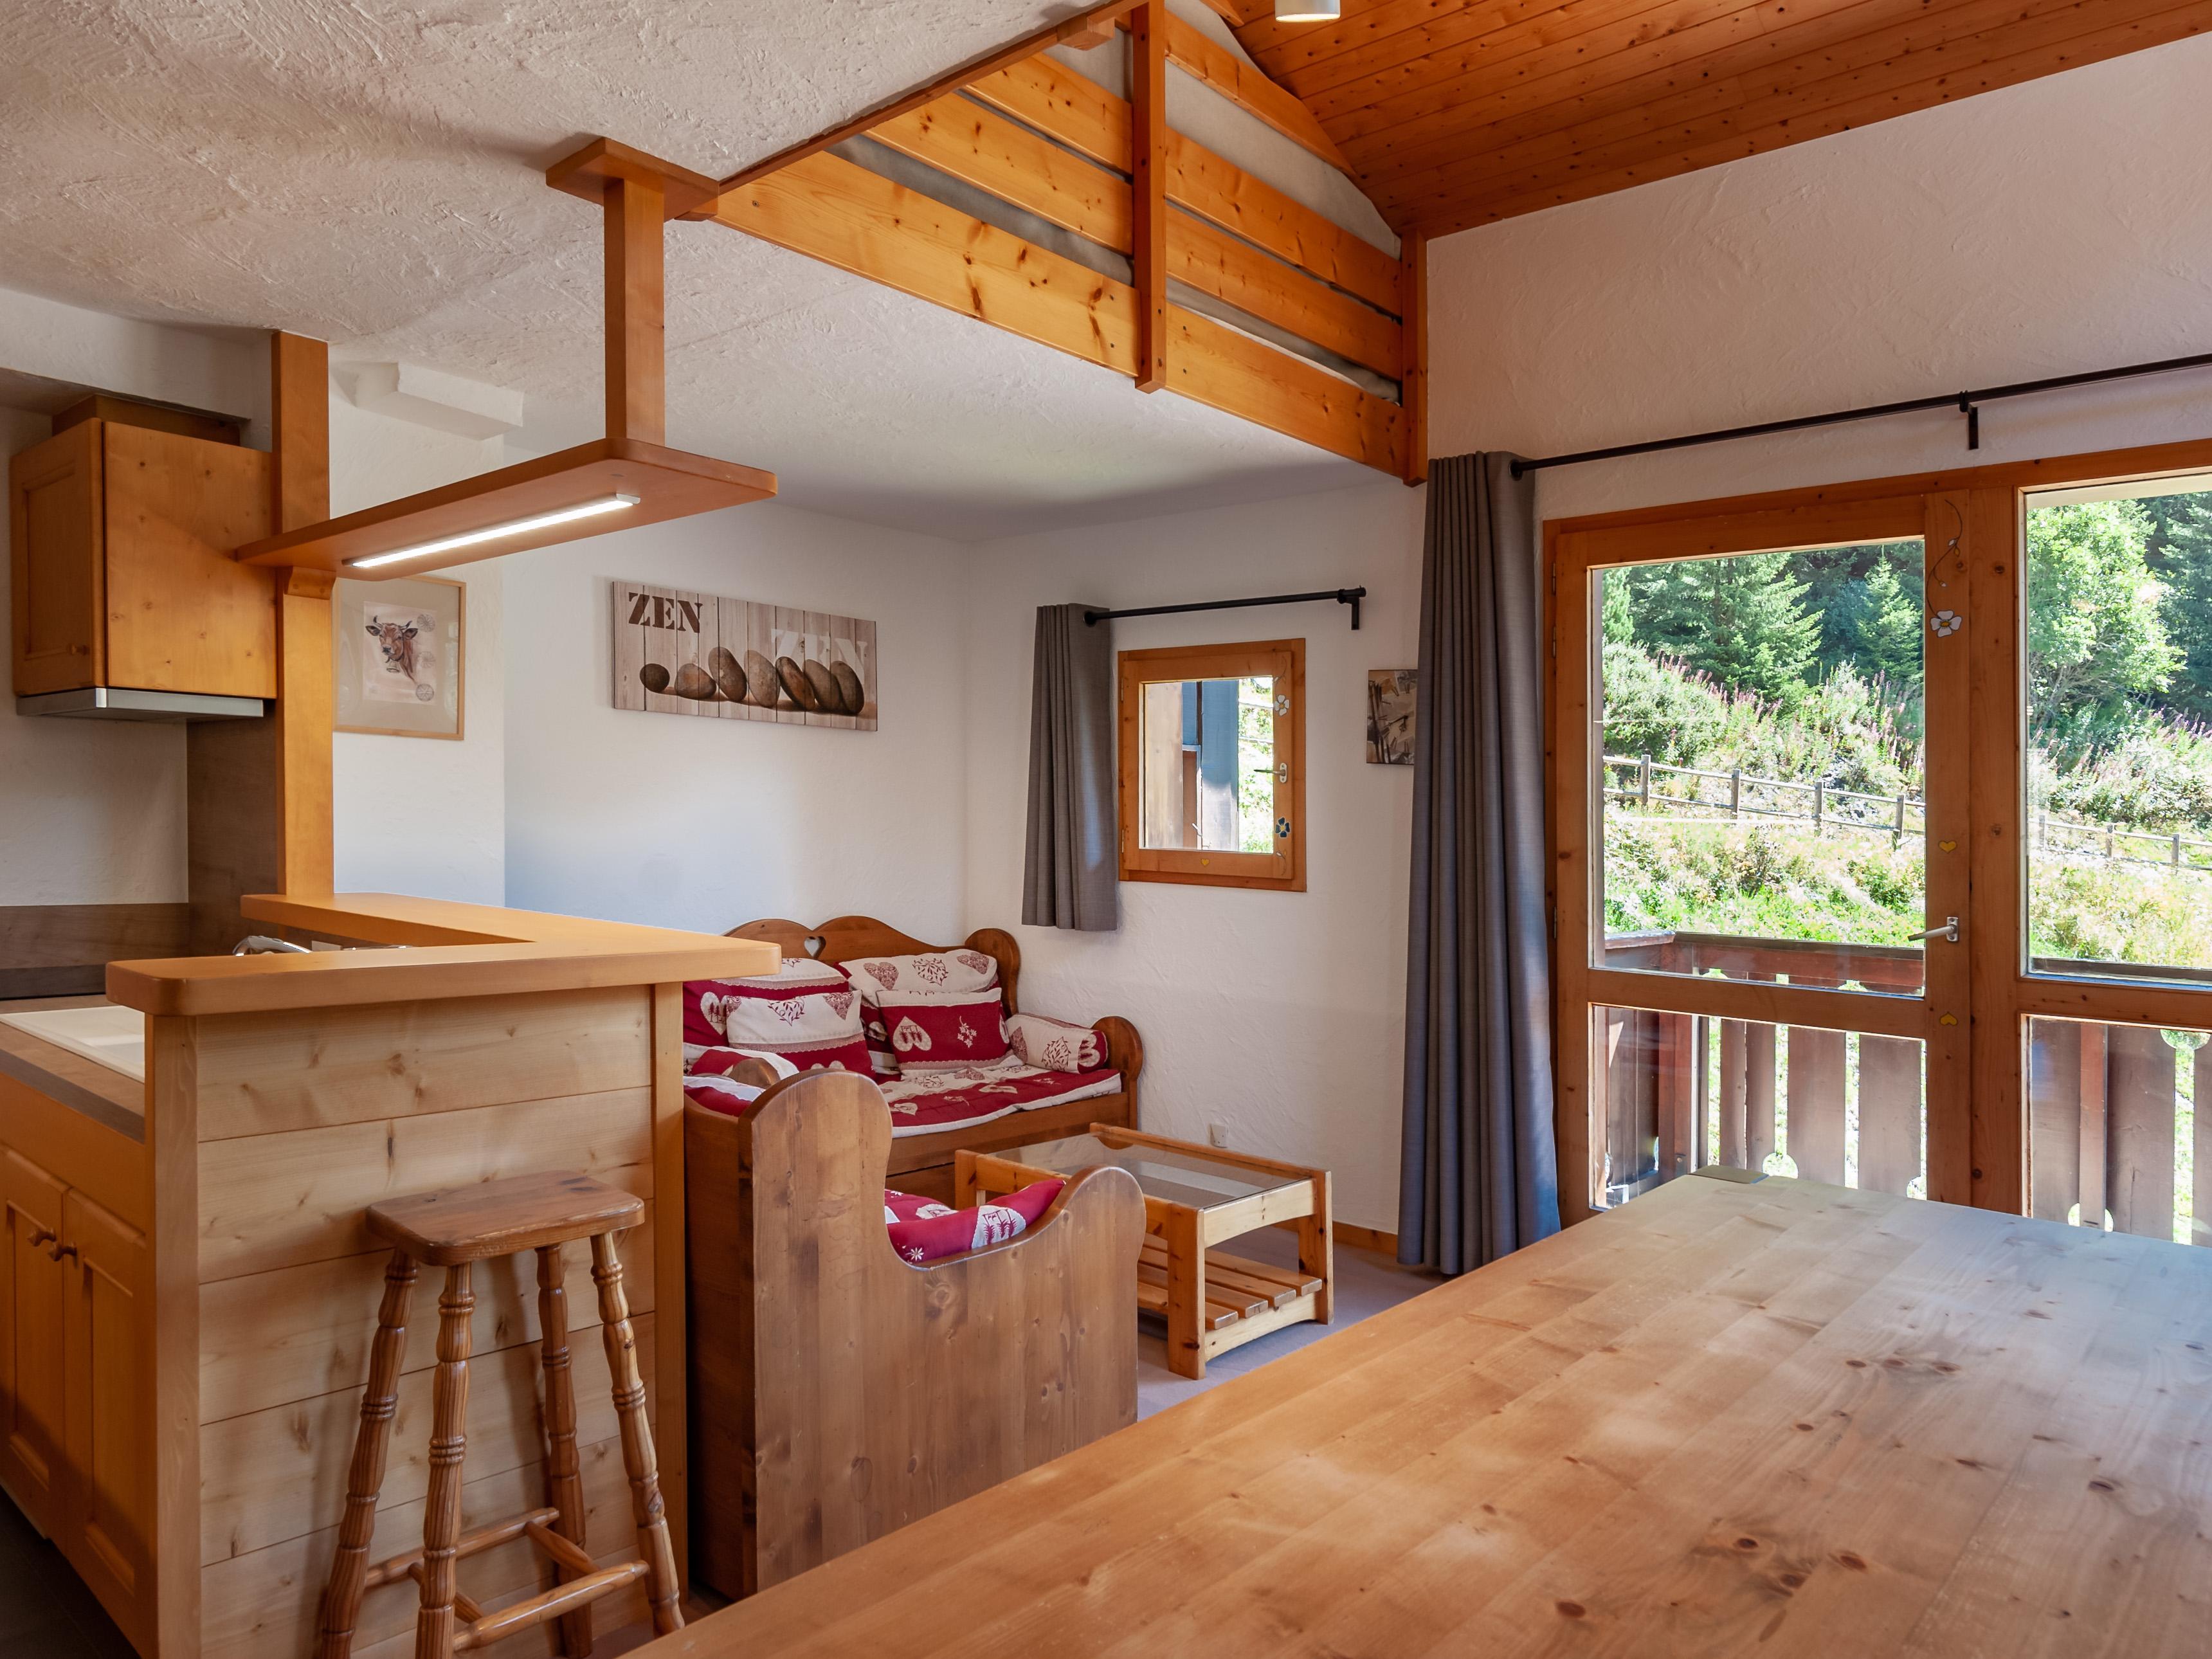 GAILLARD 5 Accommodation in Meribel